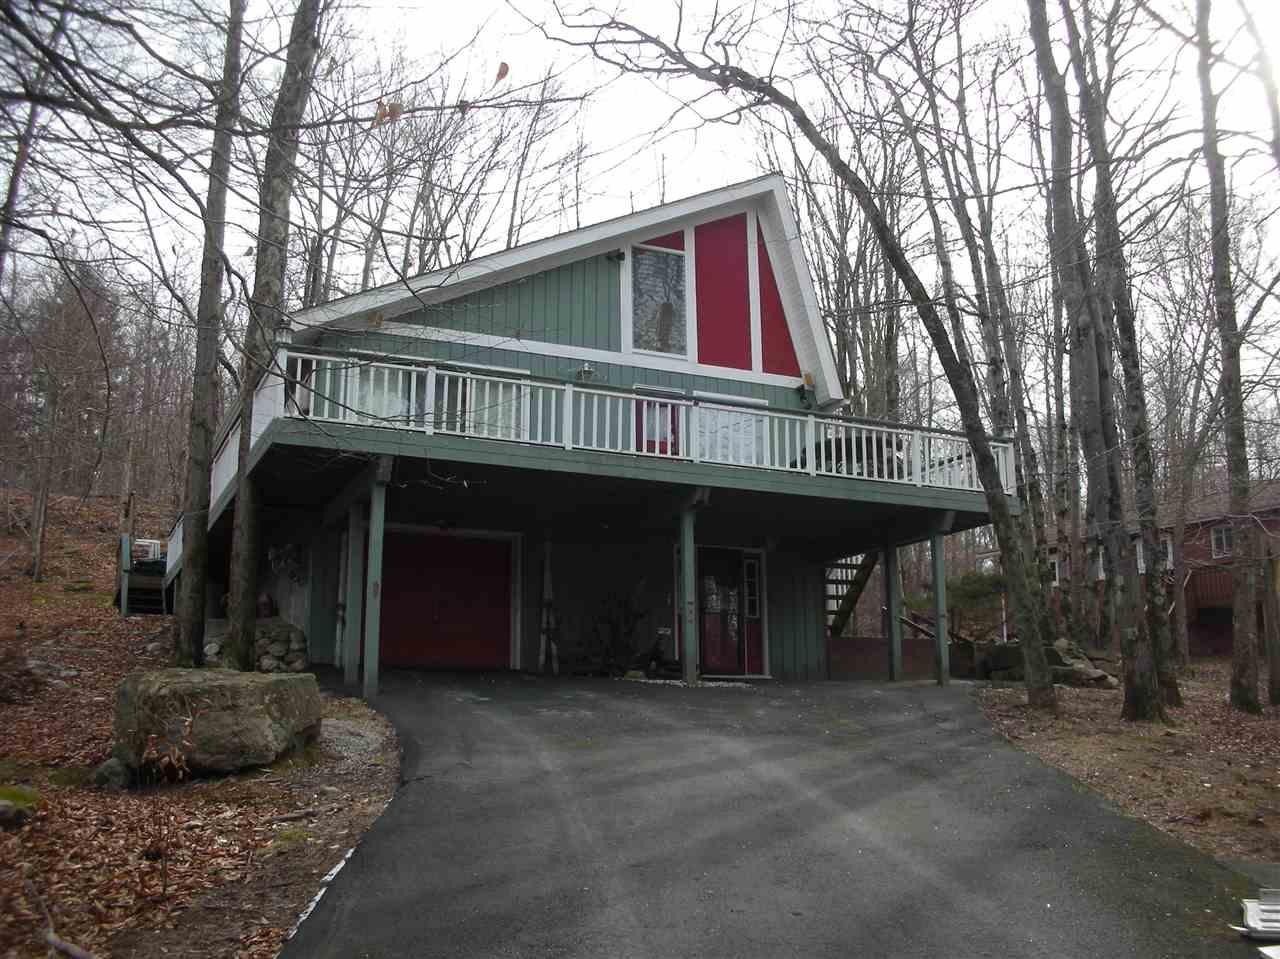 Real Estate for Sale, ListingId: 35963281, Woodridge,NY12789